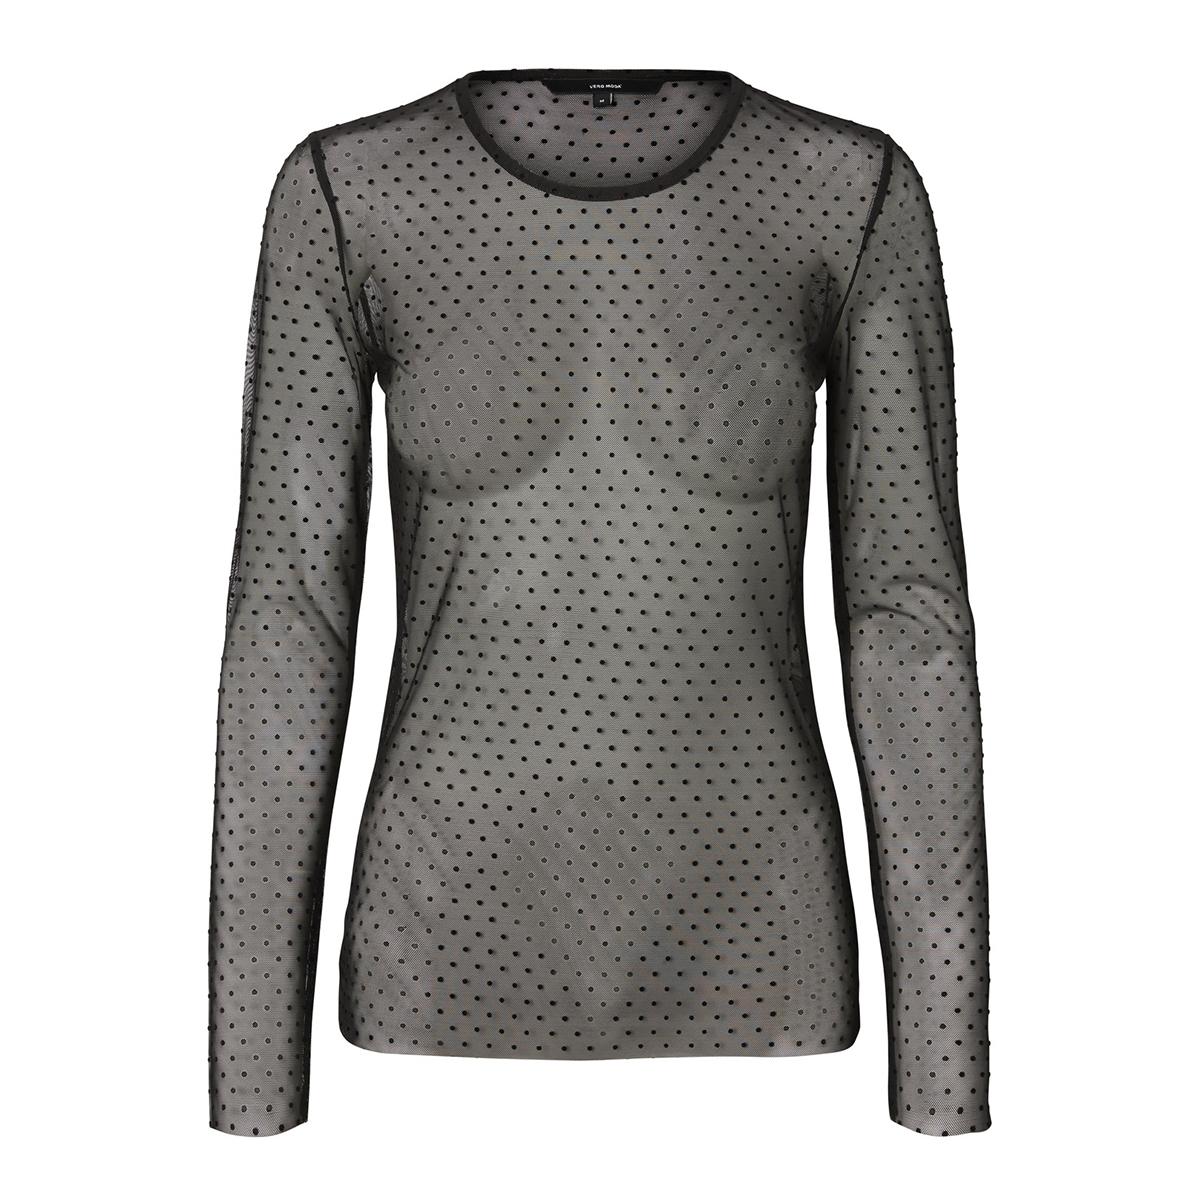 vmmoon mesh l/s o-neck top 10202106 vero moda t-shirt black/velvet dot